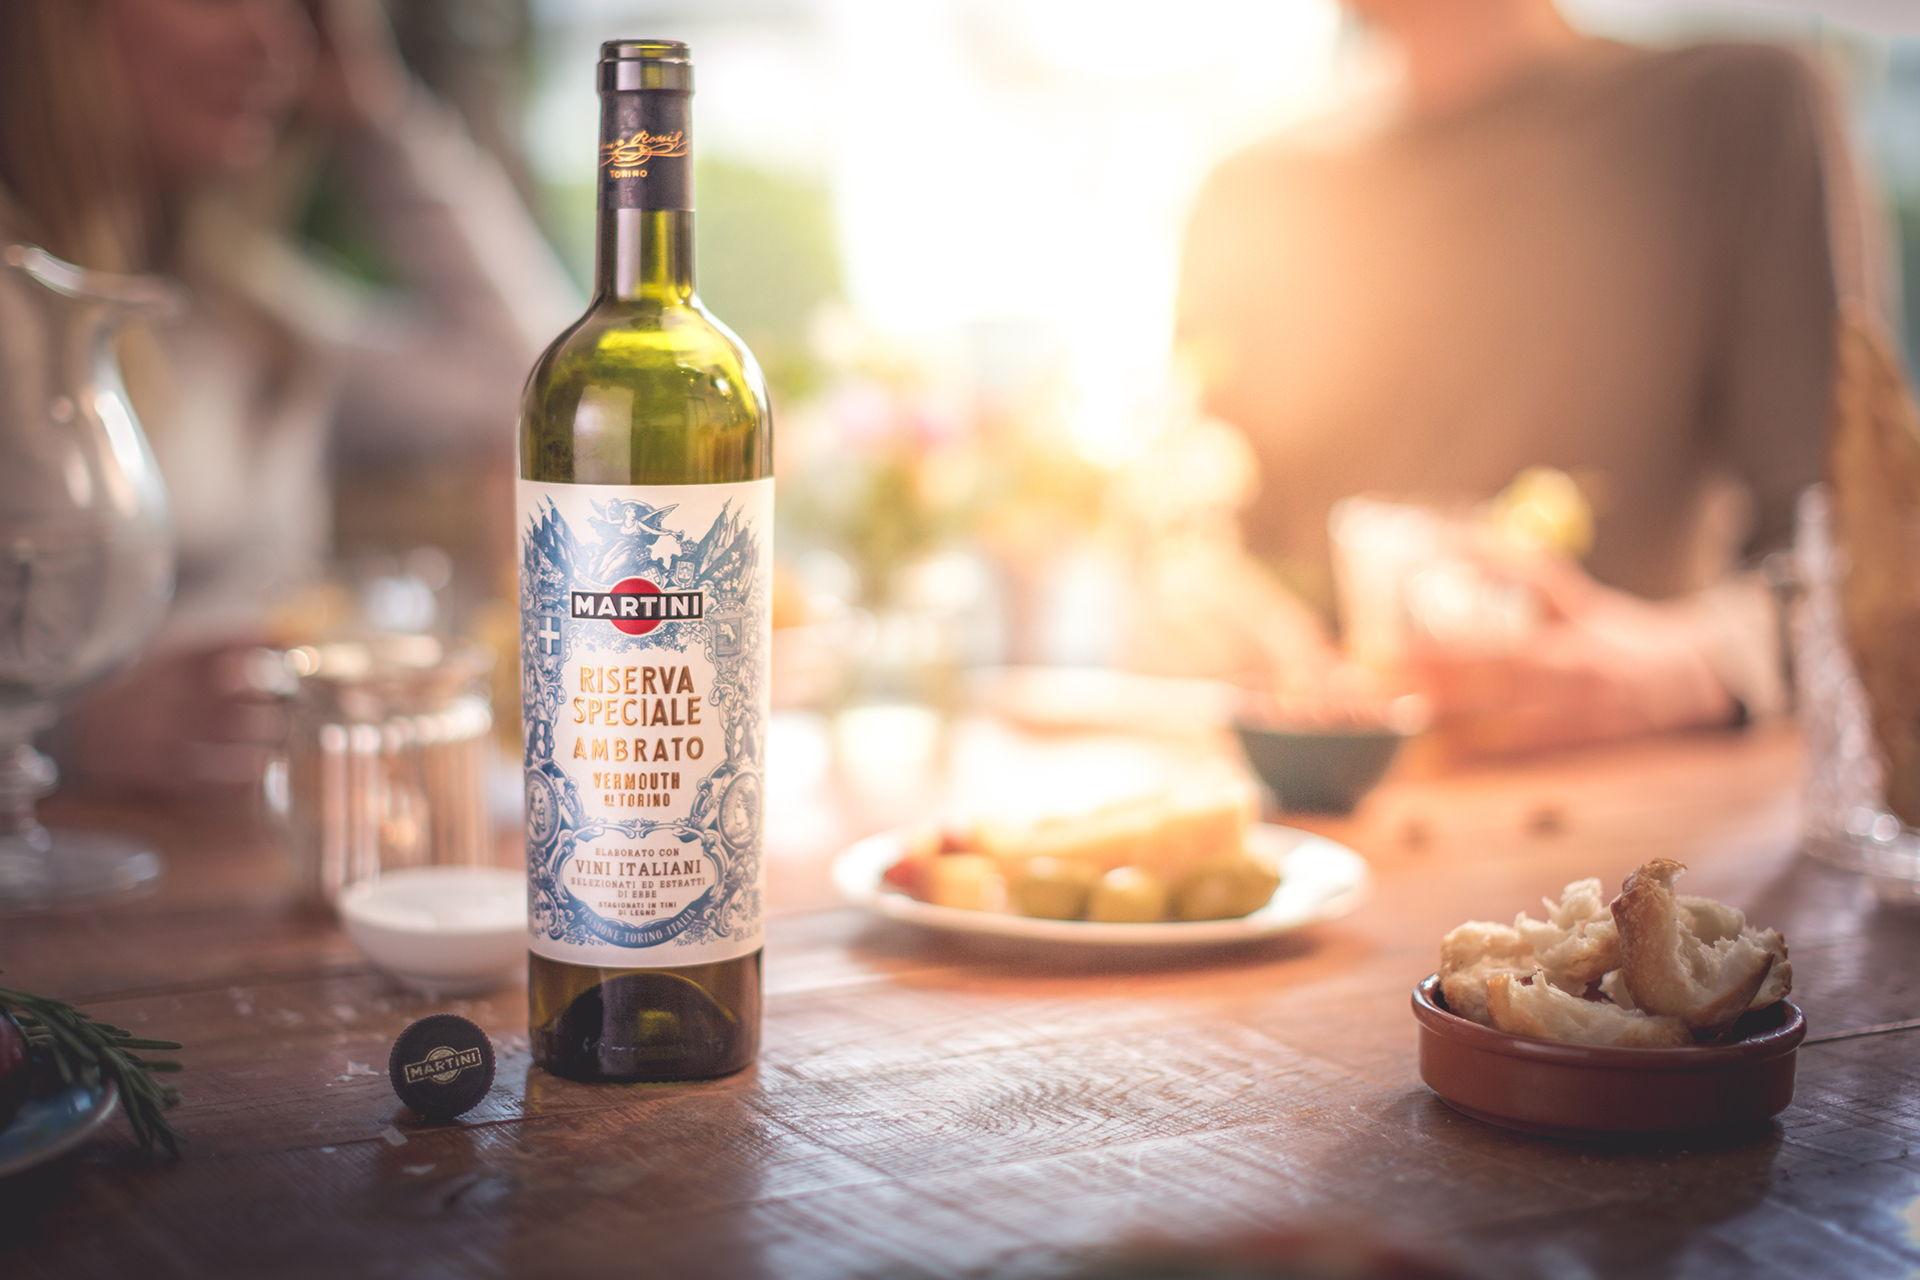 Martini-Riserva-Speciale-Ambrato-Bottle-After